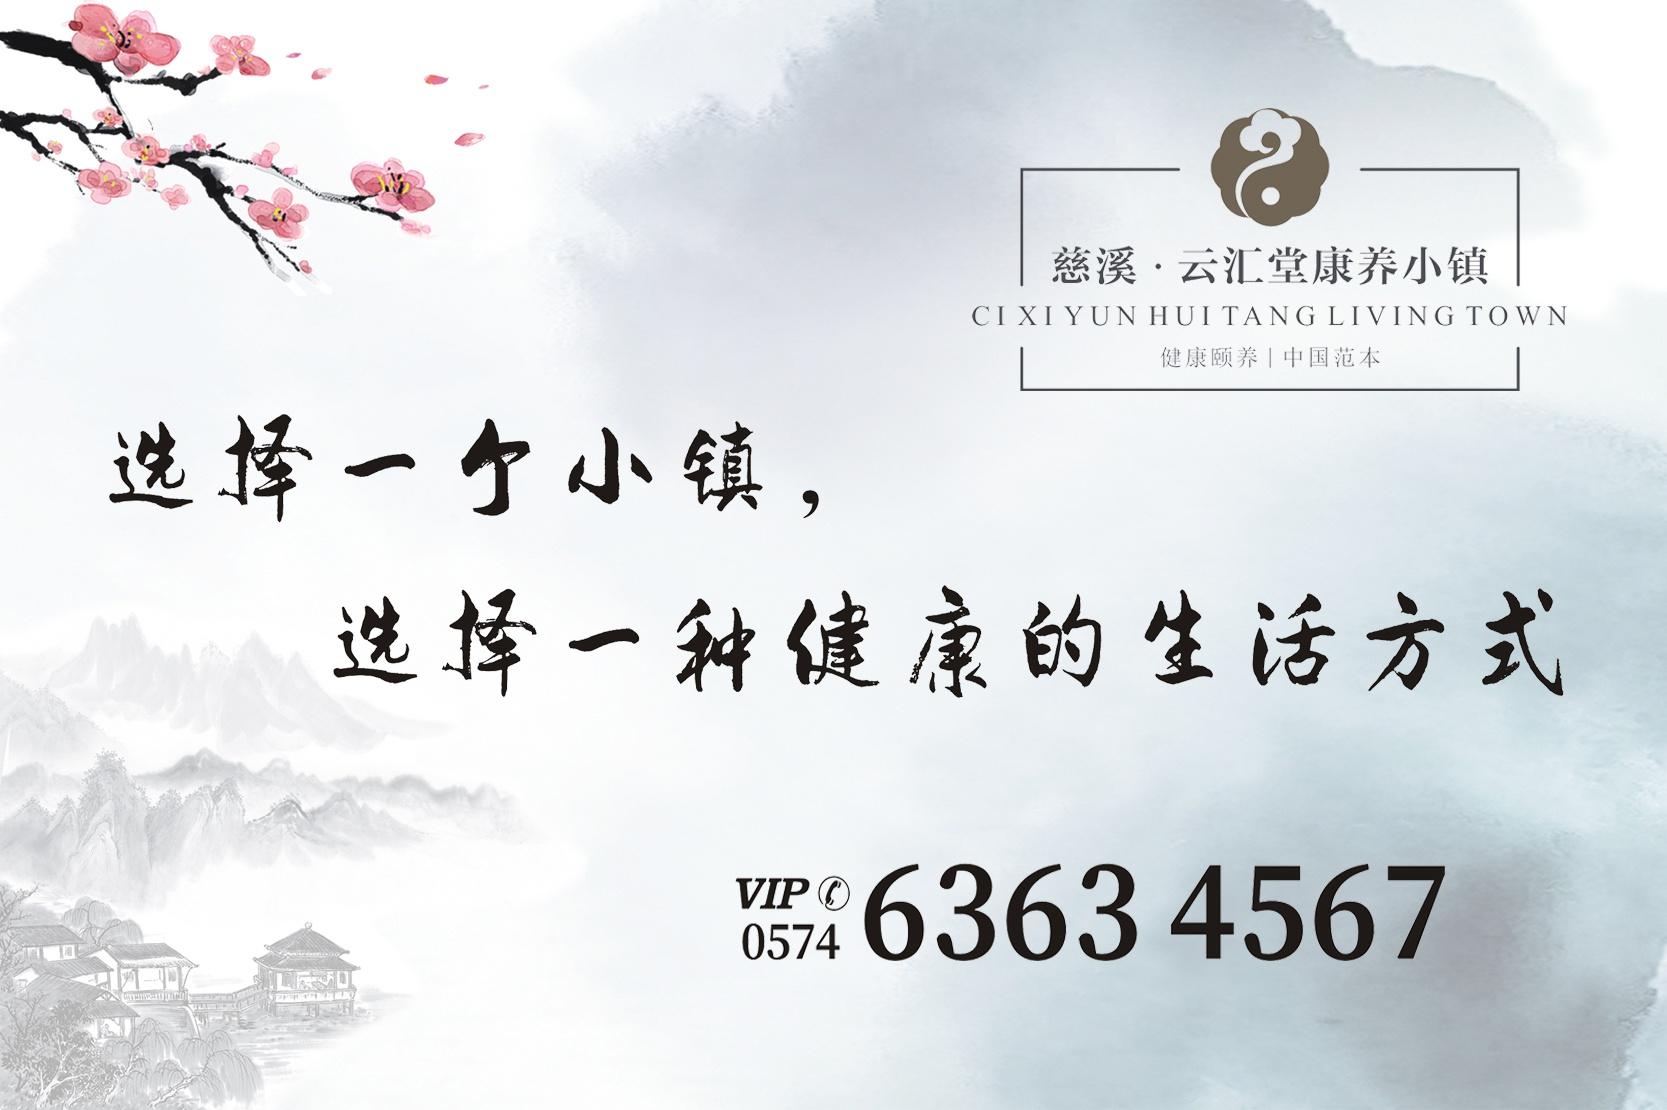 慈溪·云汇堂康养小镇